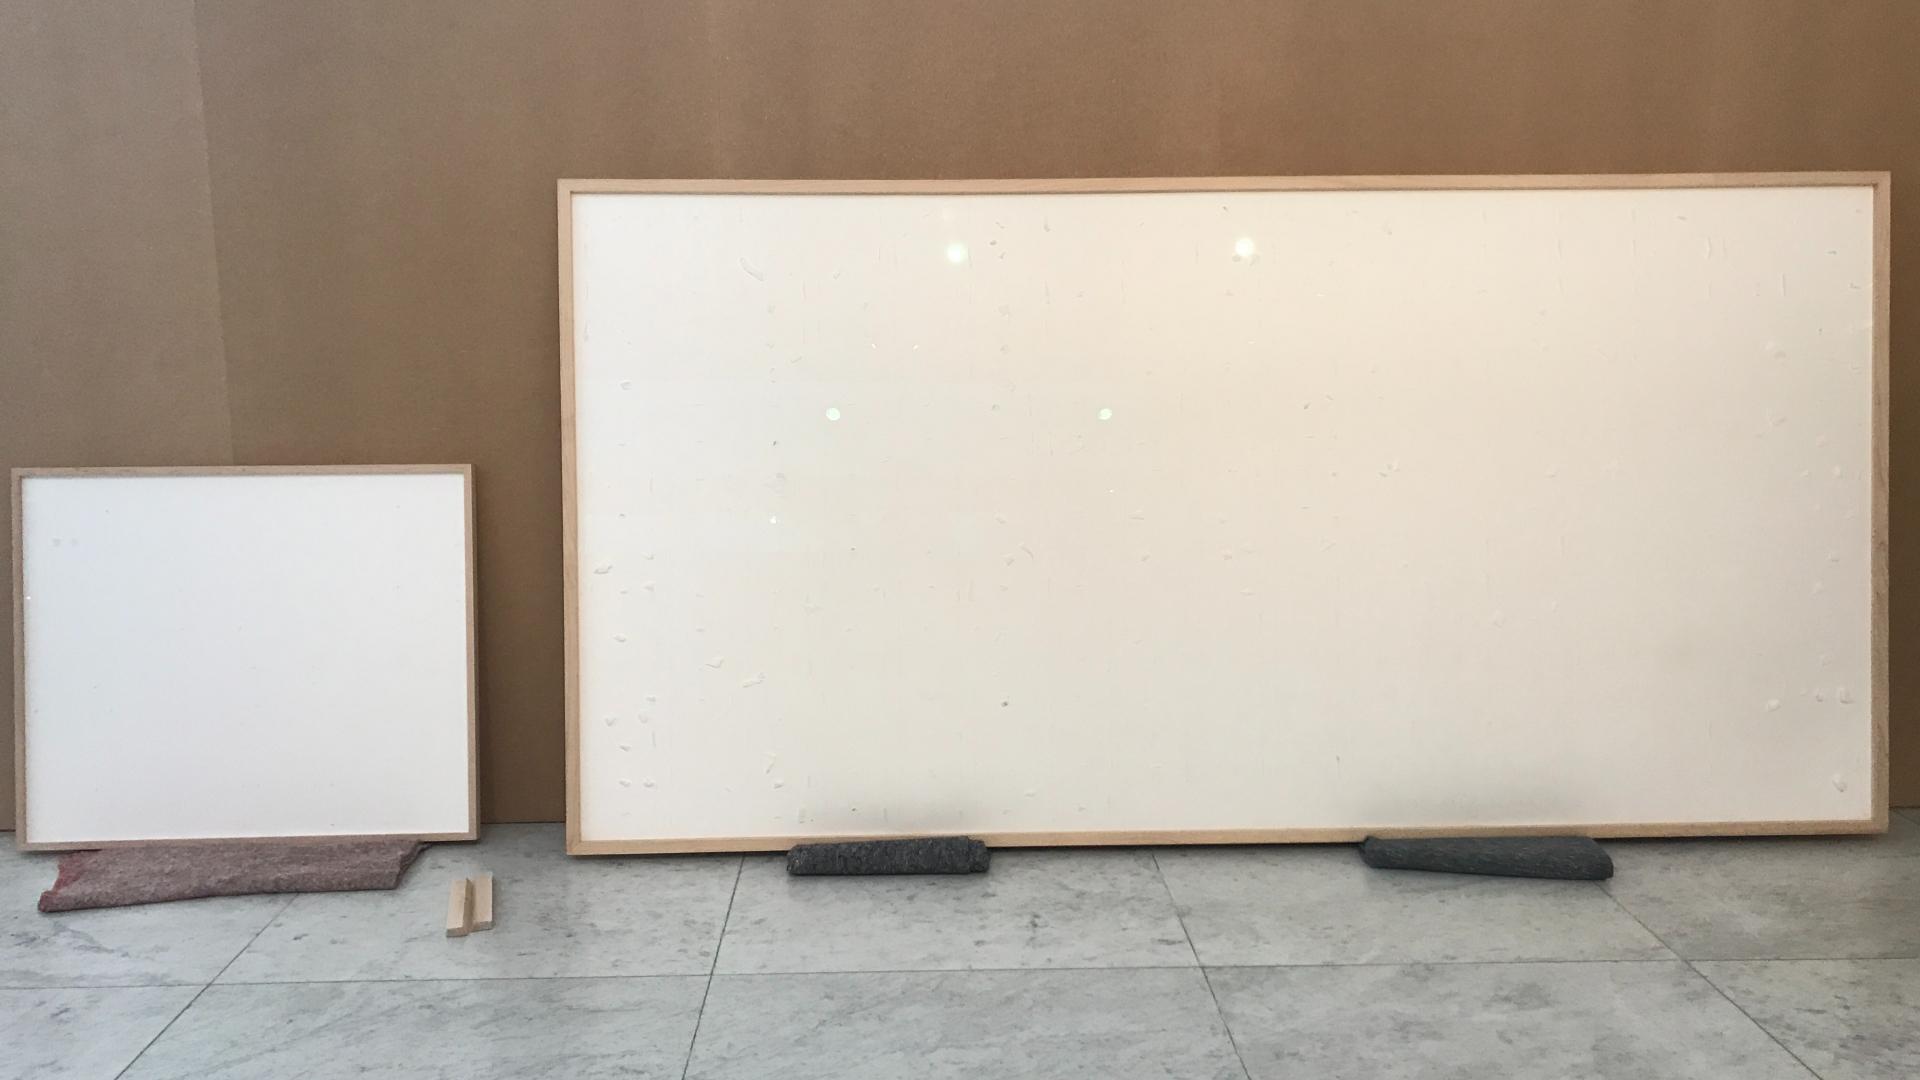 Quadros em branco entregues pelo artista Jens Haaning a museu dinamarquês